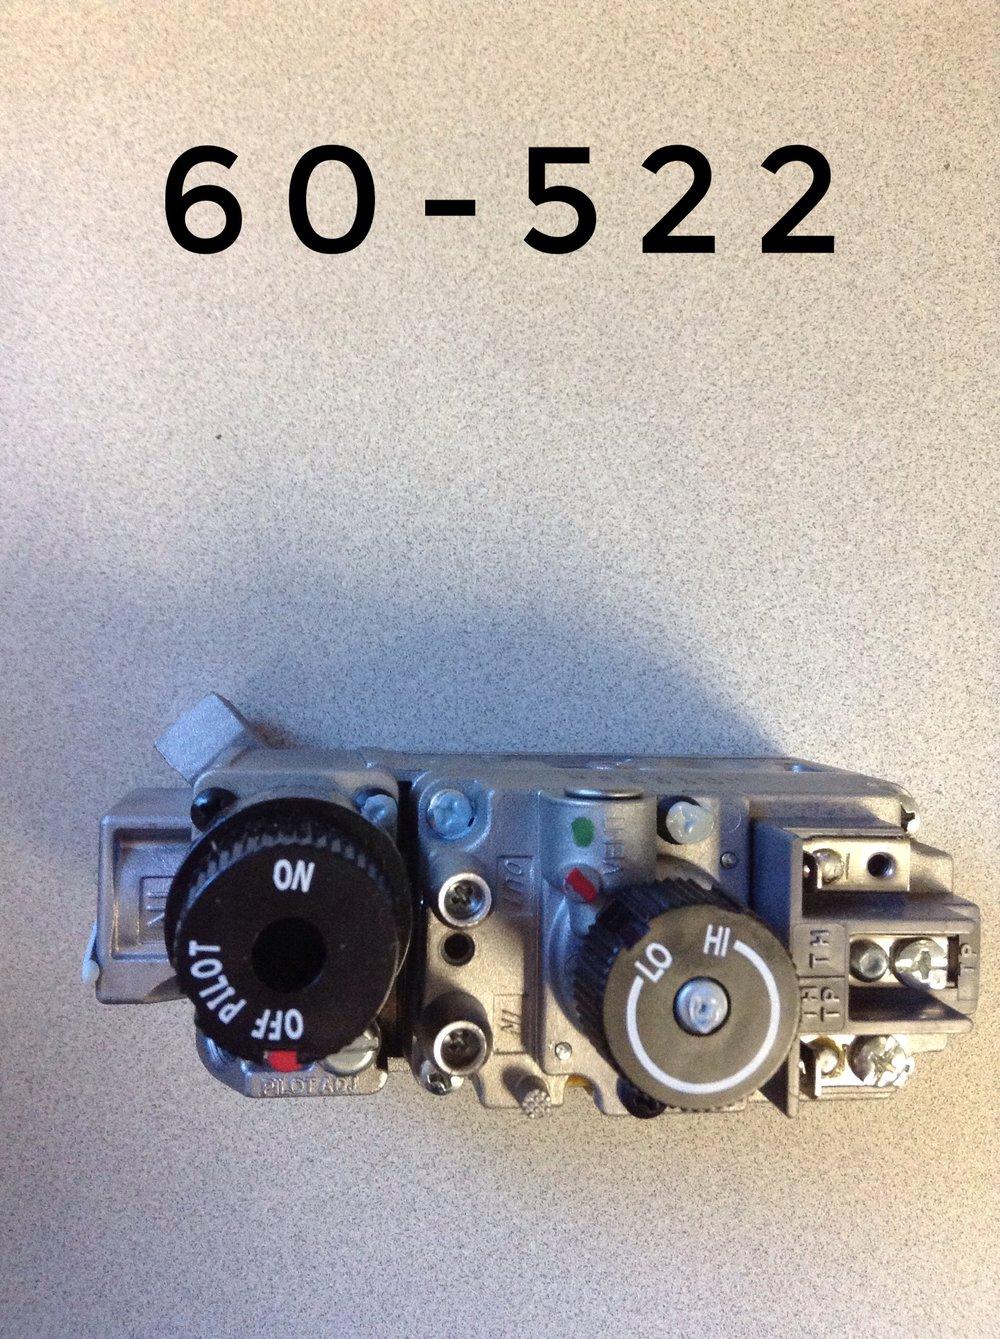 60-522 (1).JPG